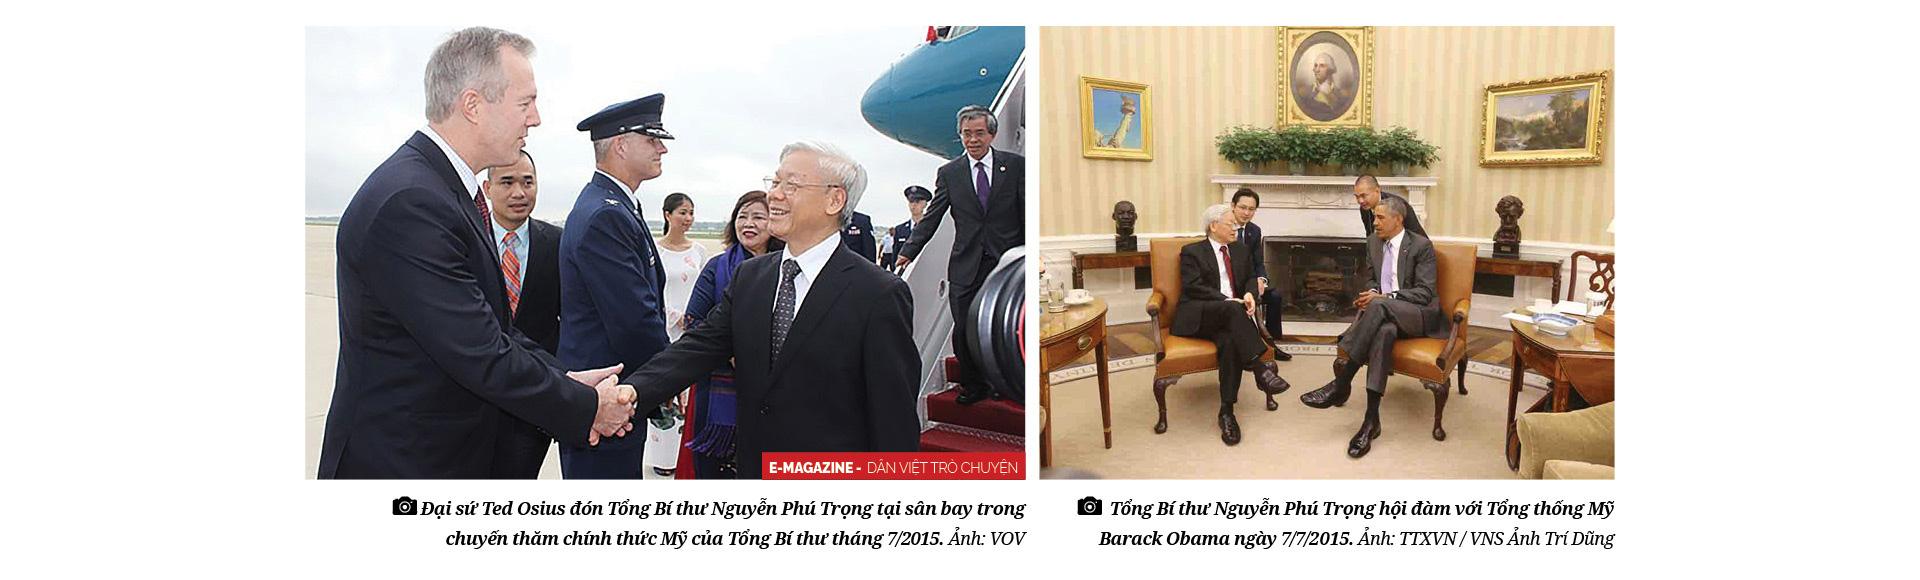 Cựu Đại sứ Mỹ tại Việt Nam Ted Osius: Hòa giải Việt Mỹ - Không gì là không thể - Ảnh 4.